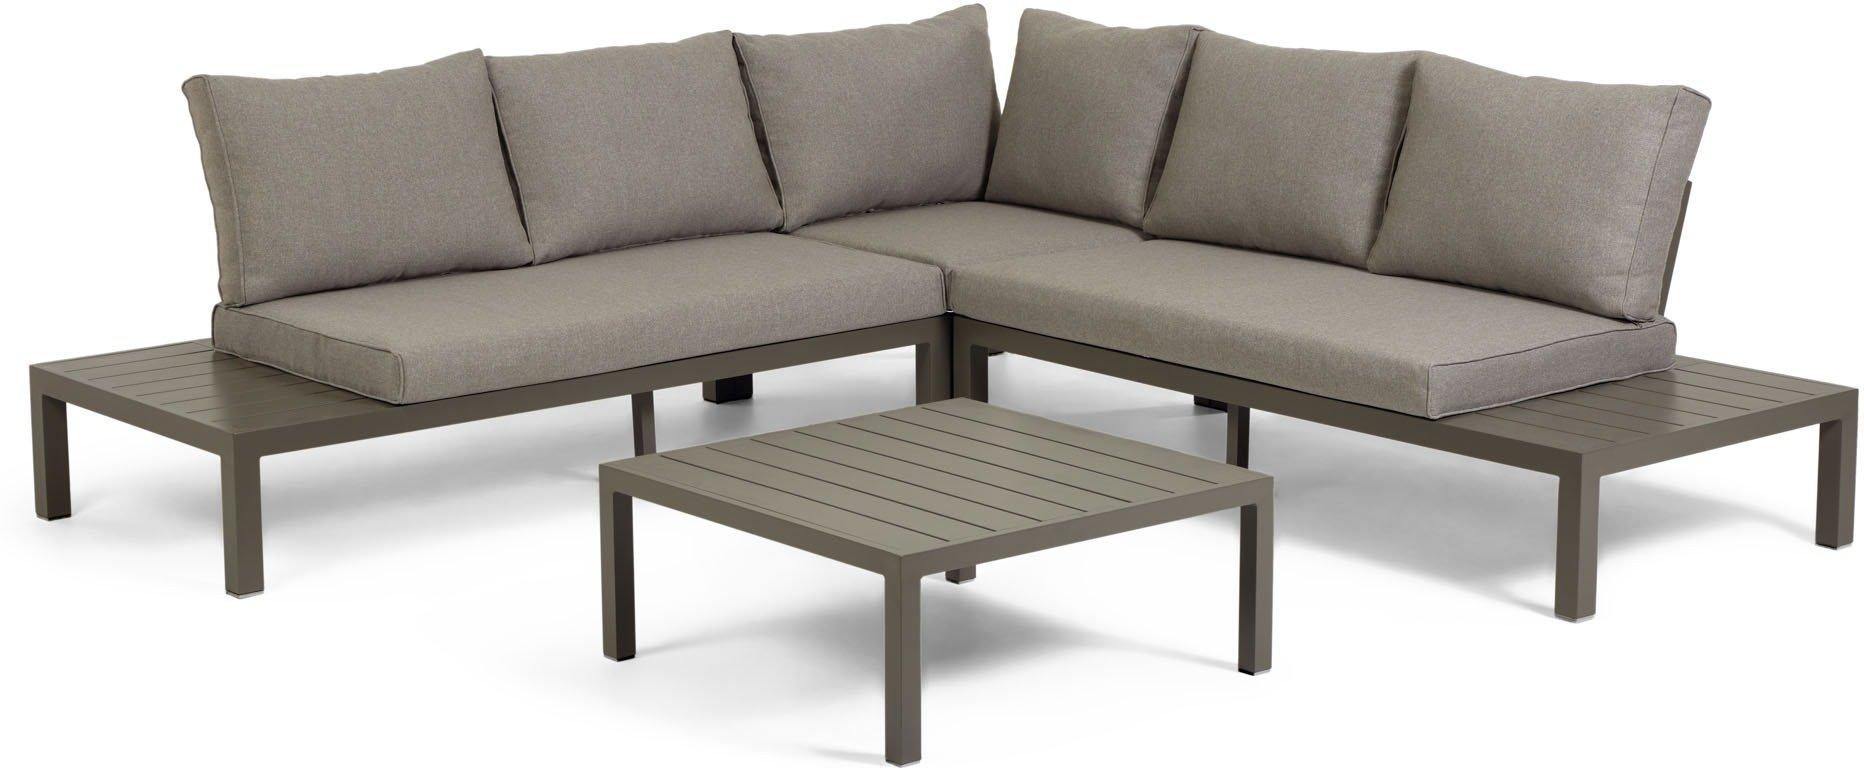 Køb Duka, Udendørs sofasæt by LaForma (H: 65 cm. B: 246 cm. L: 246 cm., Brun)